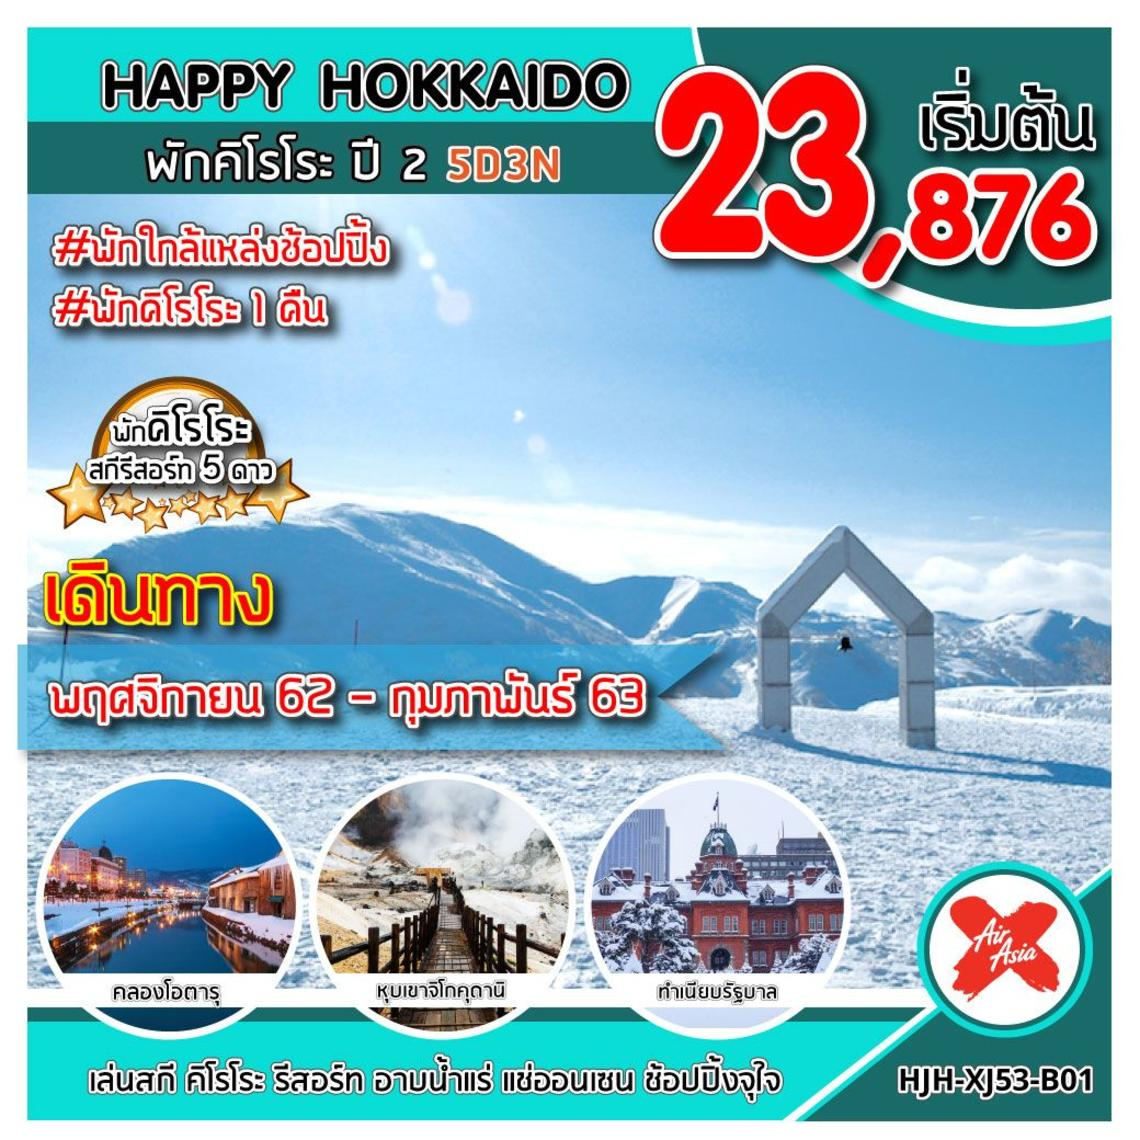 ทัวร์ญี่ปุ่น ทัวร์ฮอกไกโด HJH-XJ53-B01 HAPPY HOKKAIDO พักคิโรโระ ปี 2